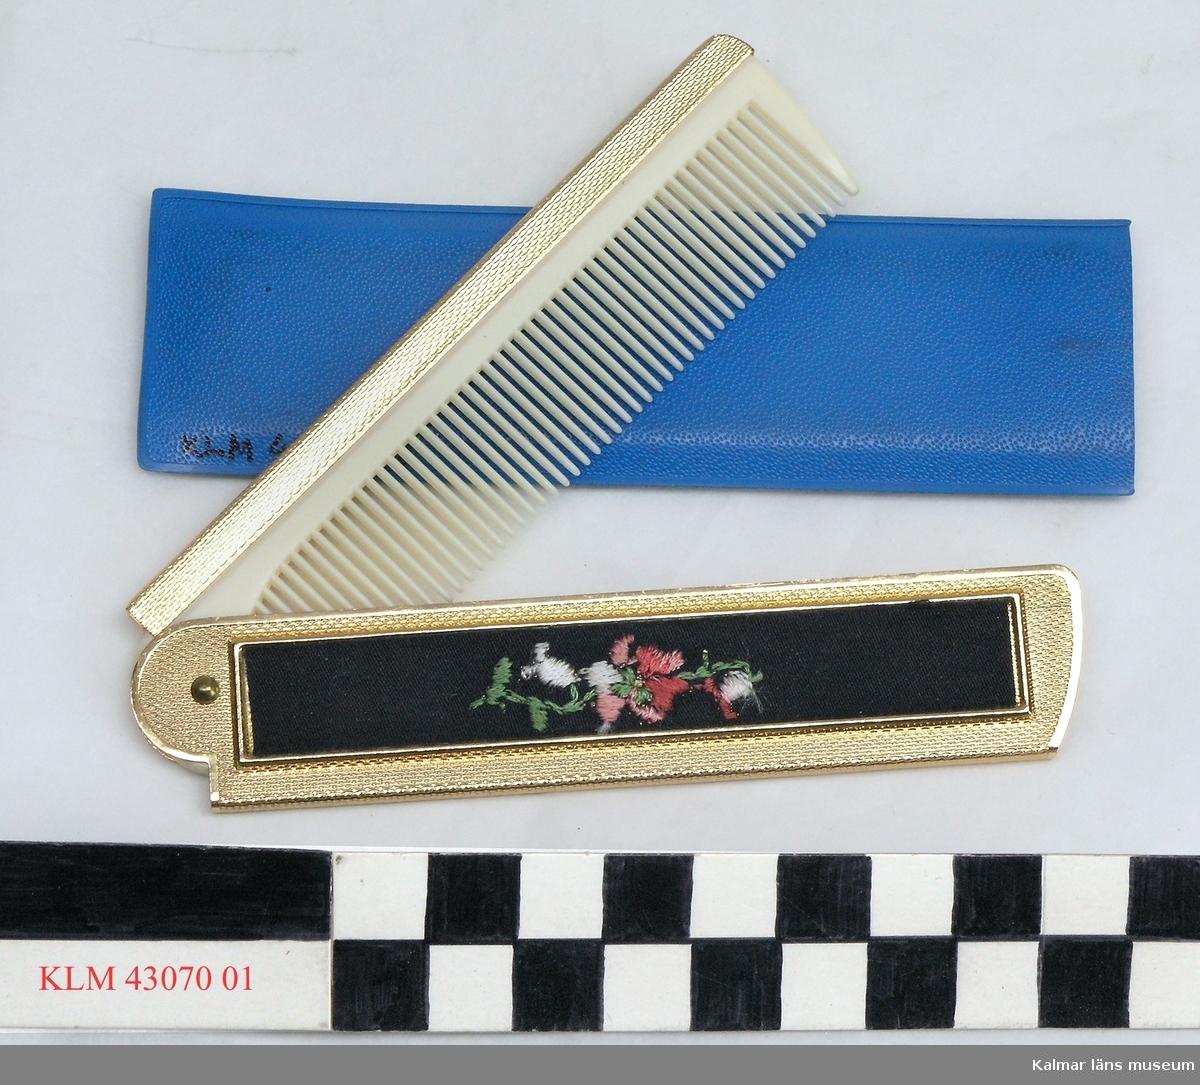 KLM 43070:1 Kam, plast, metall. Långsmal kam av vit plast, hopfäst i ena kortänden med en handtagsdel av gul metall med litet broderi. Kam och handtag kan vikas ihop. Med rektangulärt fodral av klarblå plast.